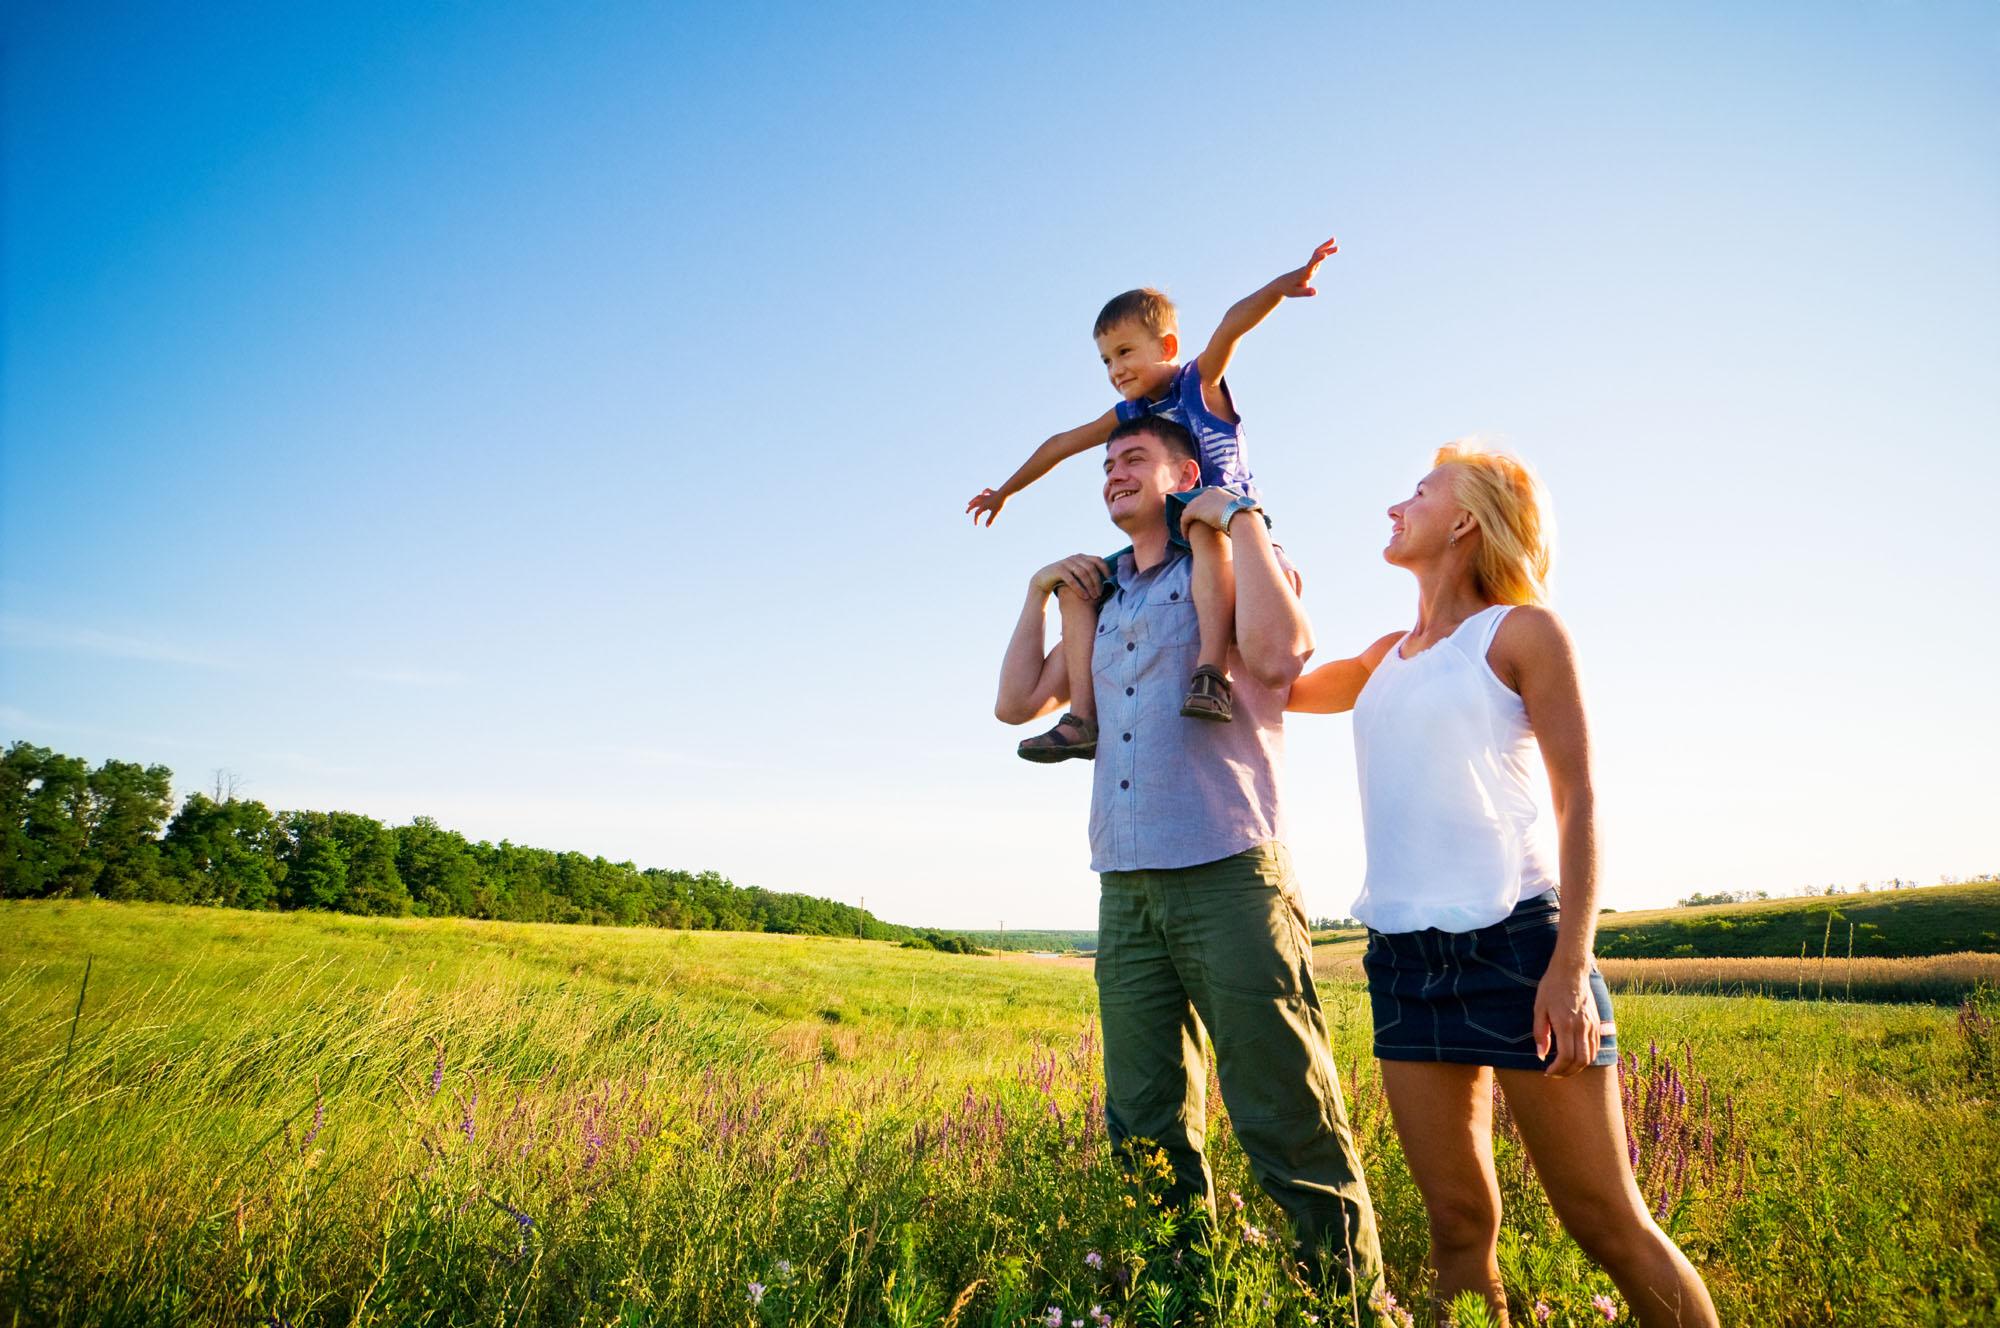 İyi baba olmak - öneriler